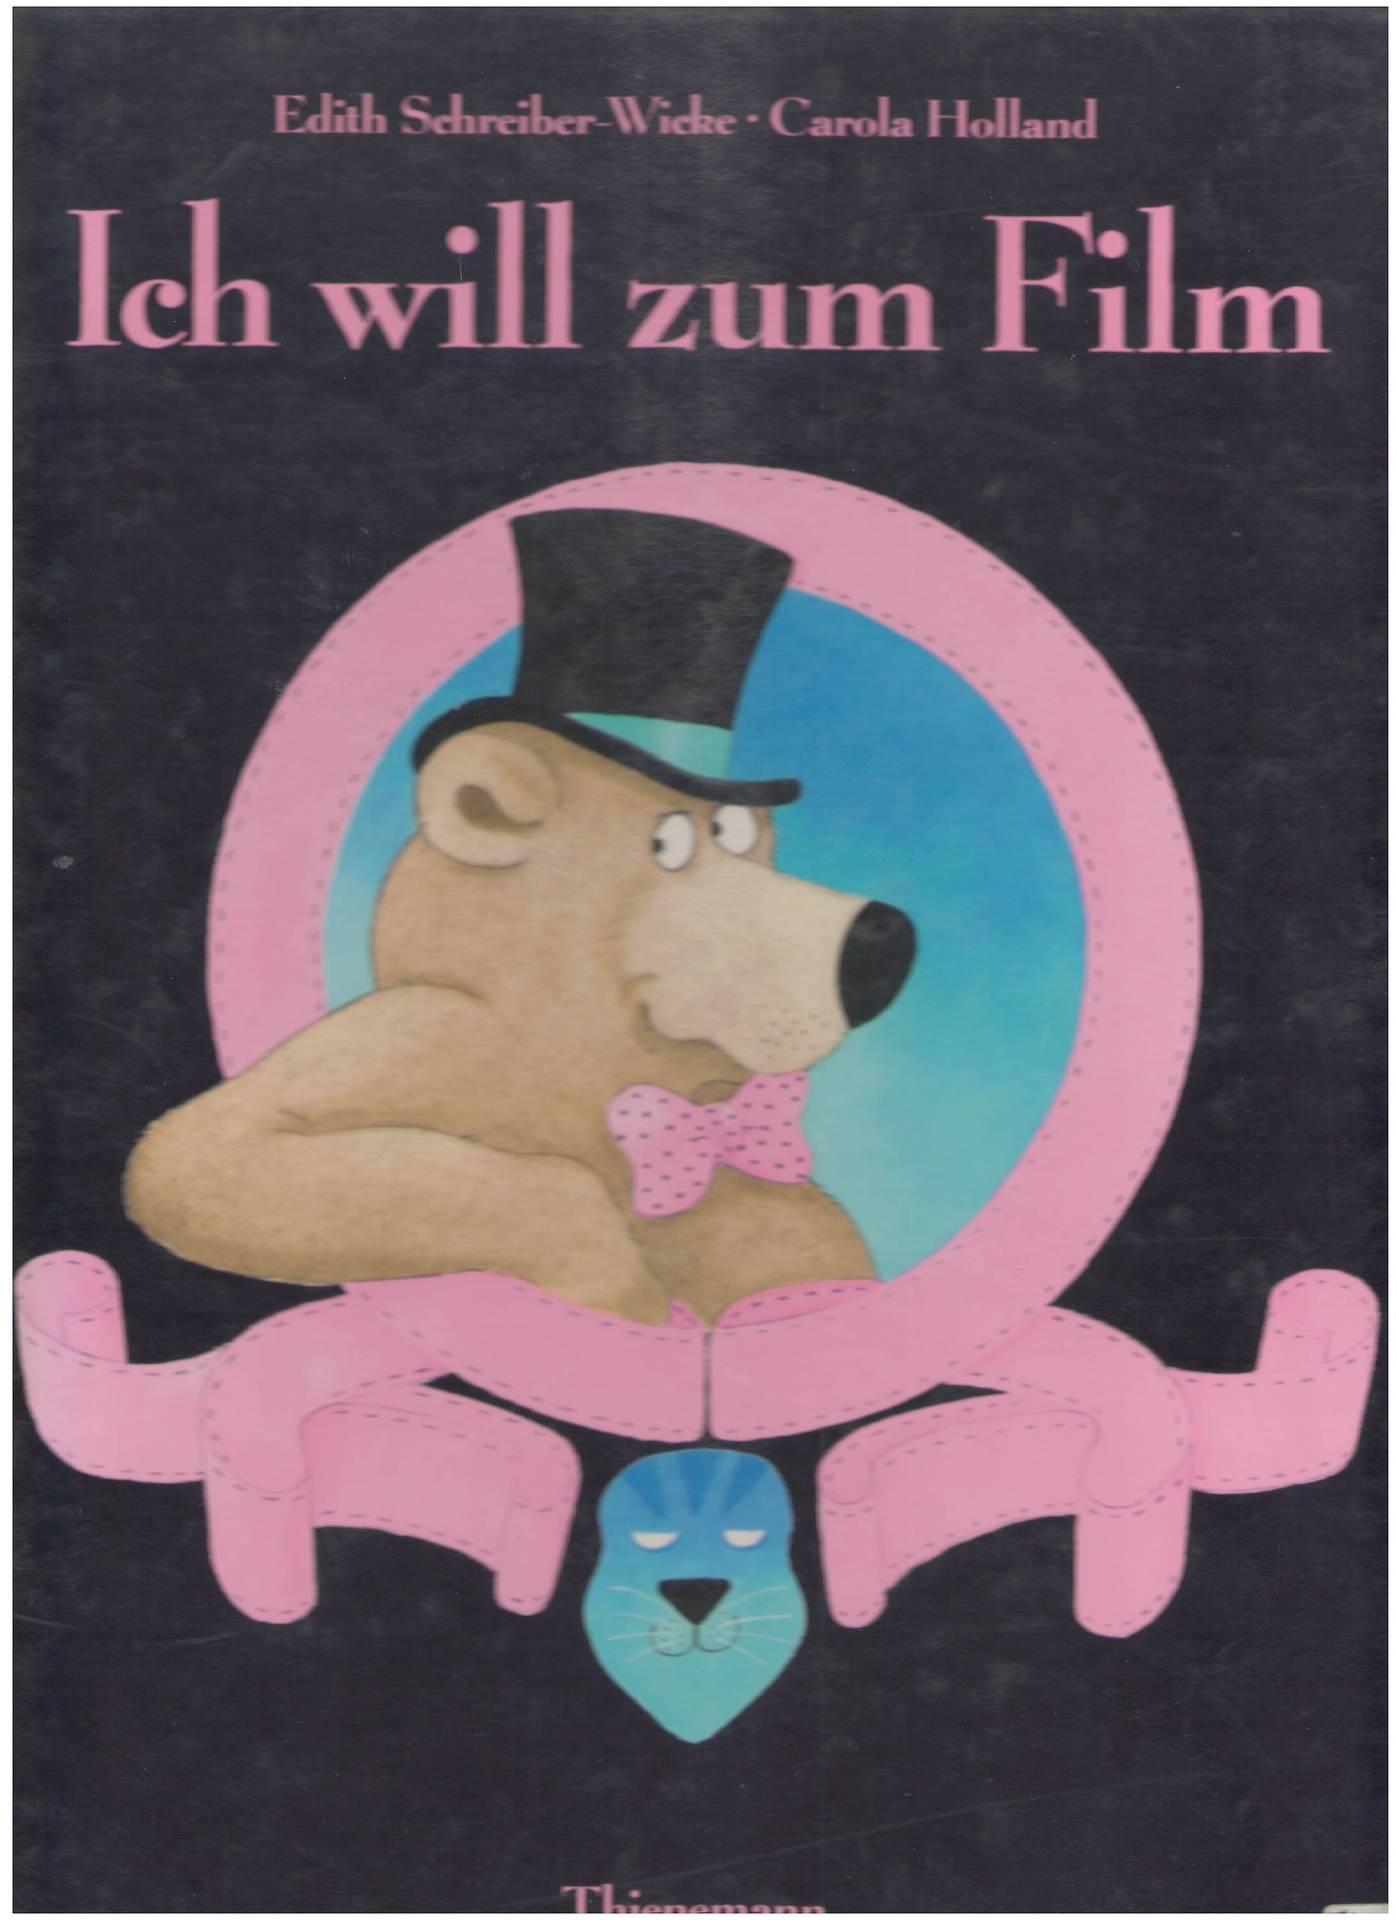 Ich will zum Film: SCHREIBER-WICKE, E. und